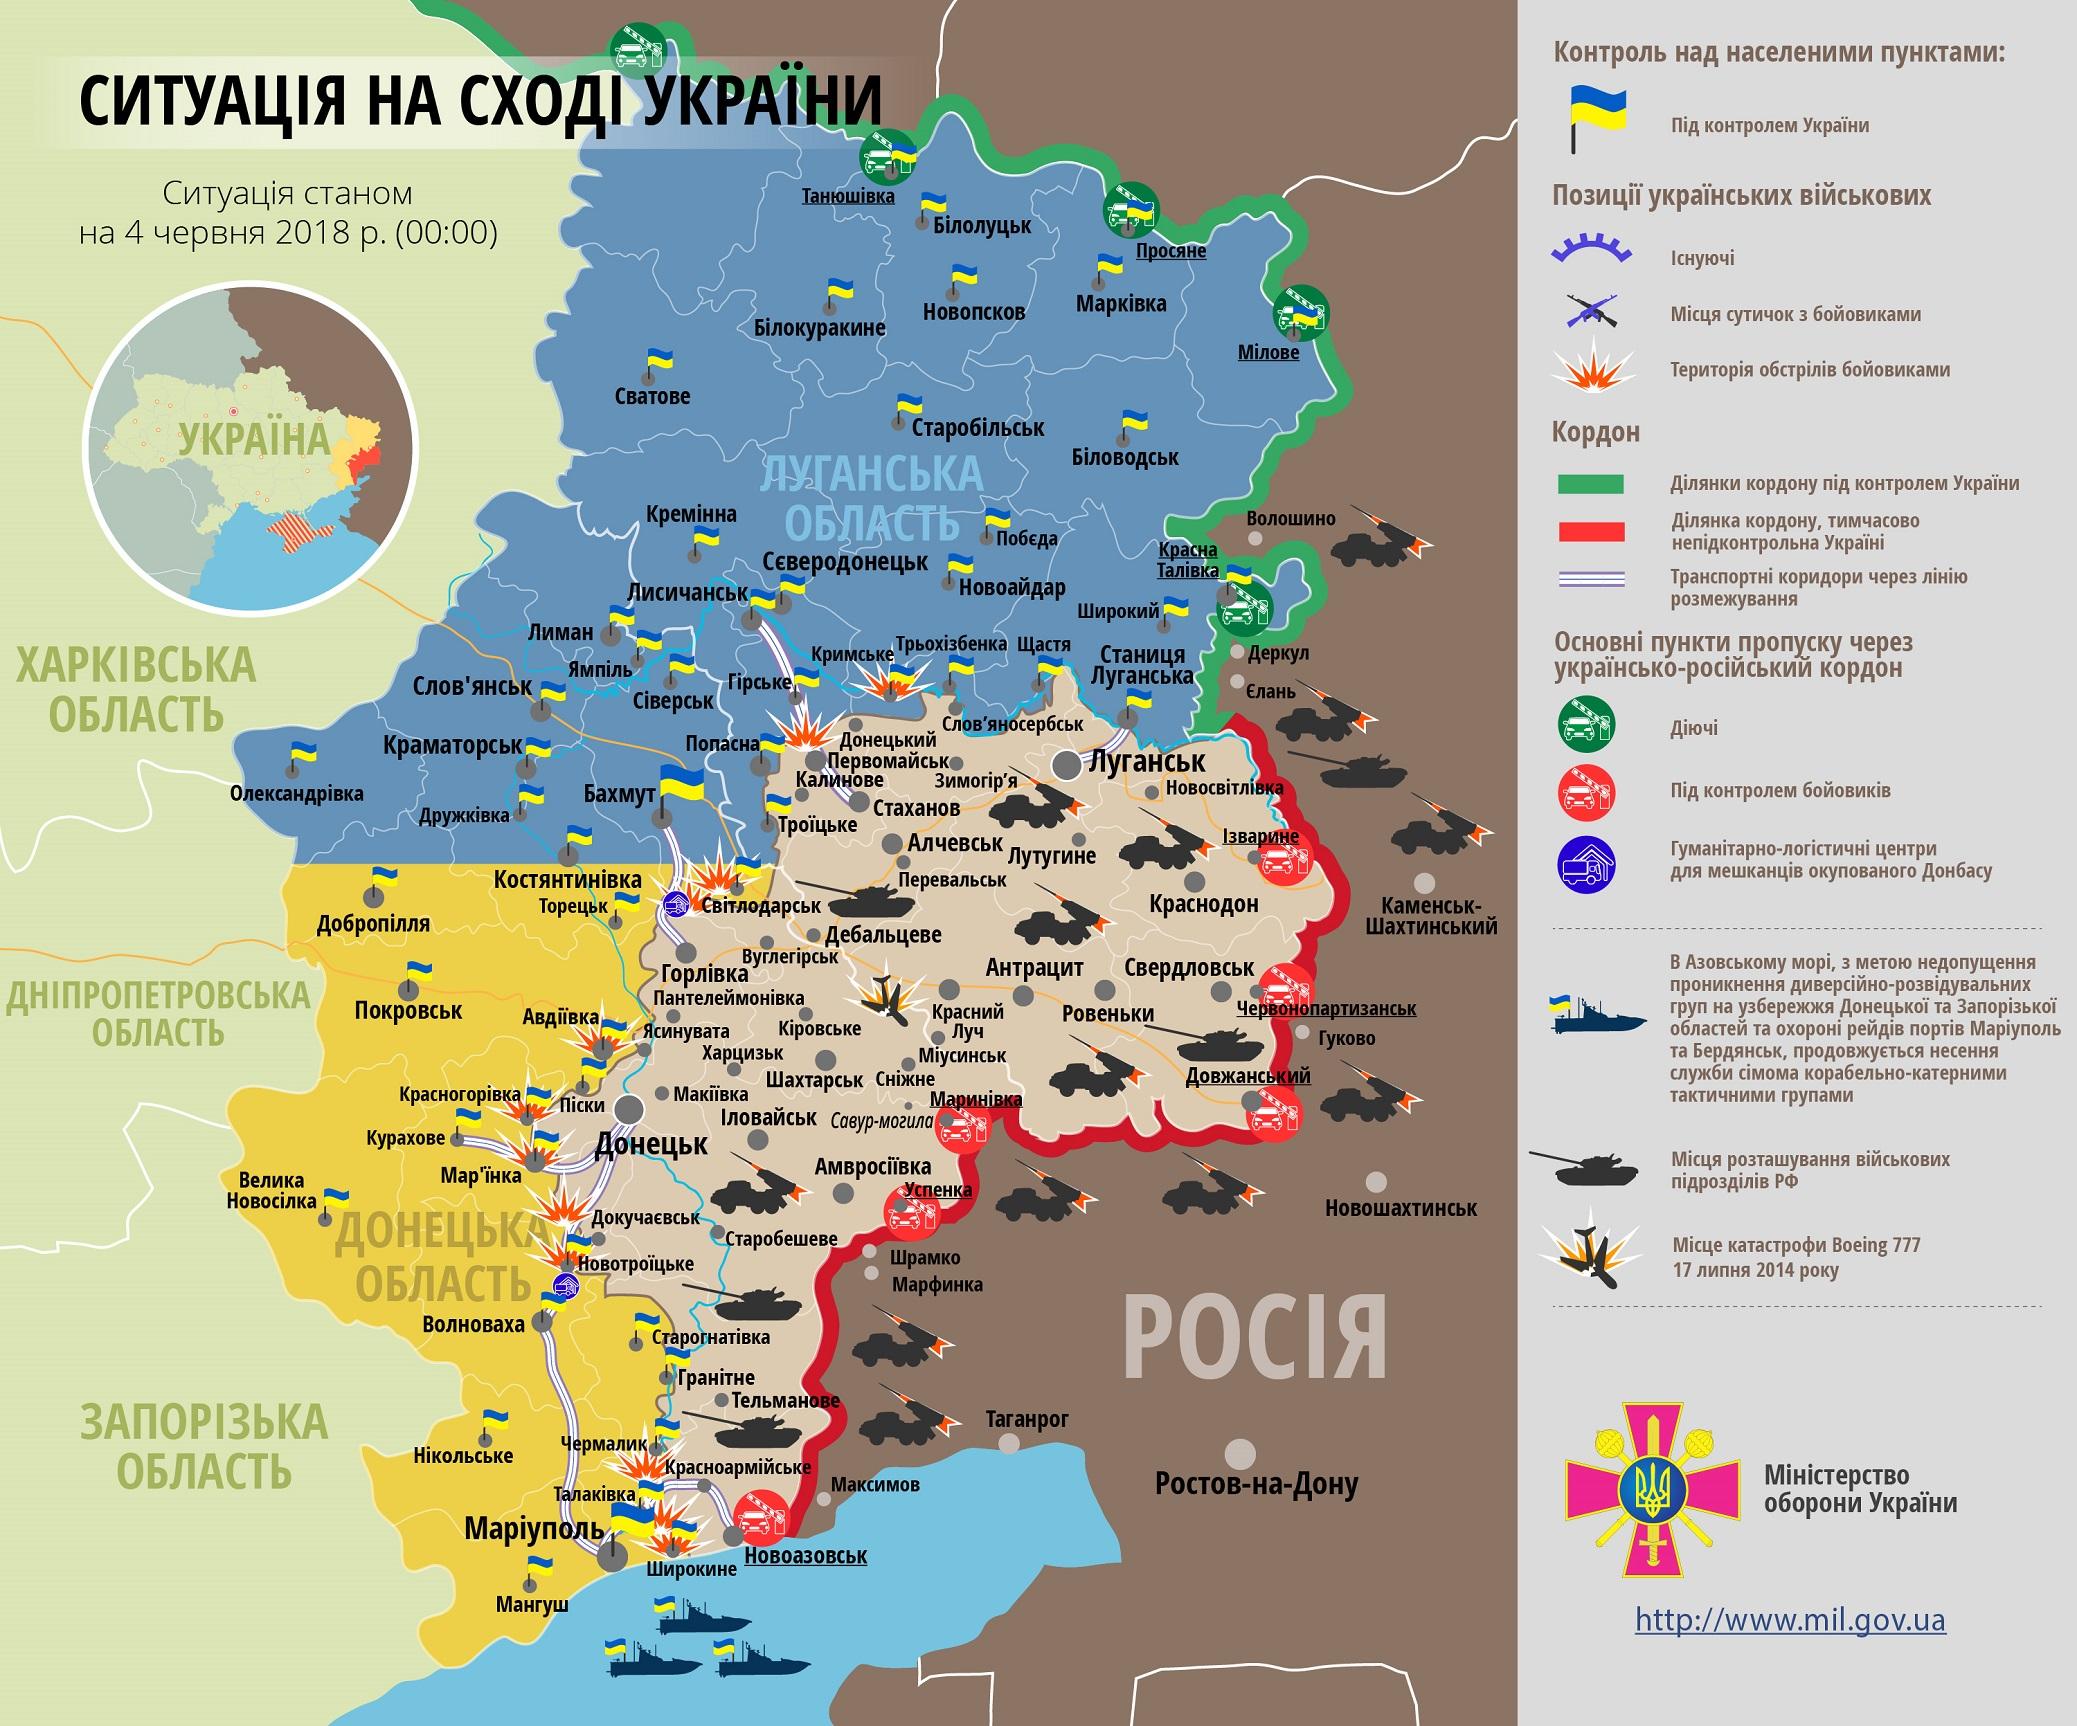 Боевики атаковали бойцов ООС запрещенными снарядами: карта расположения сил на Донбассе от 04.06.2018